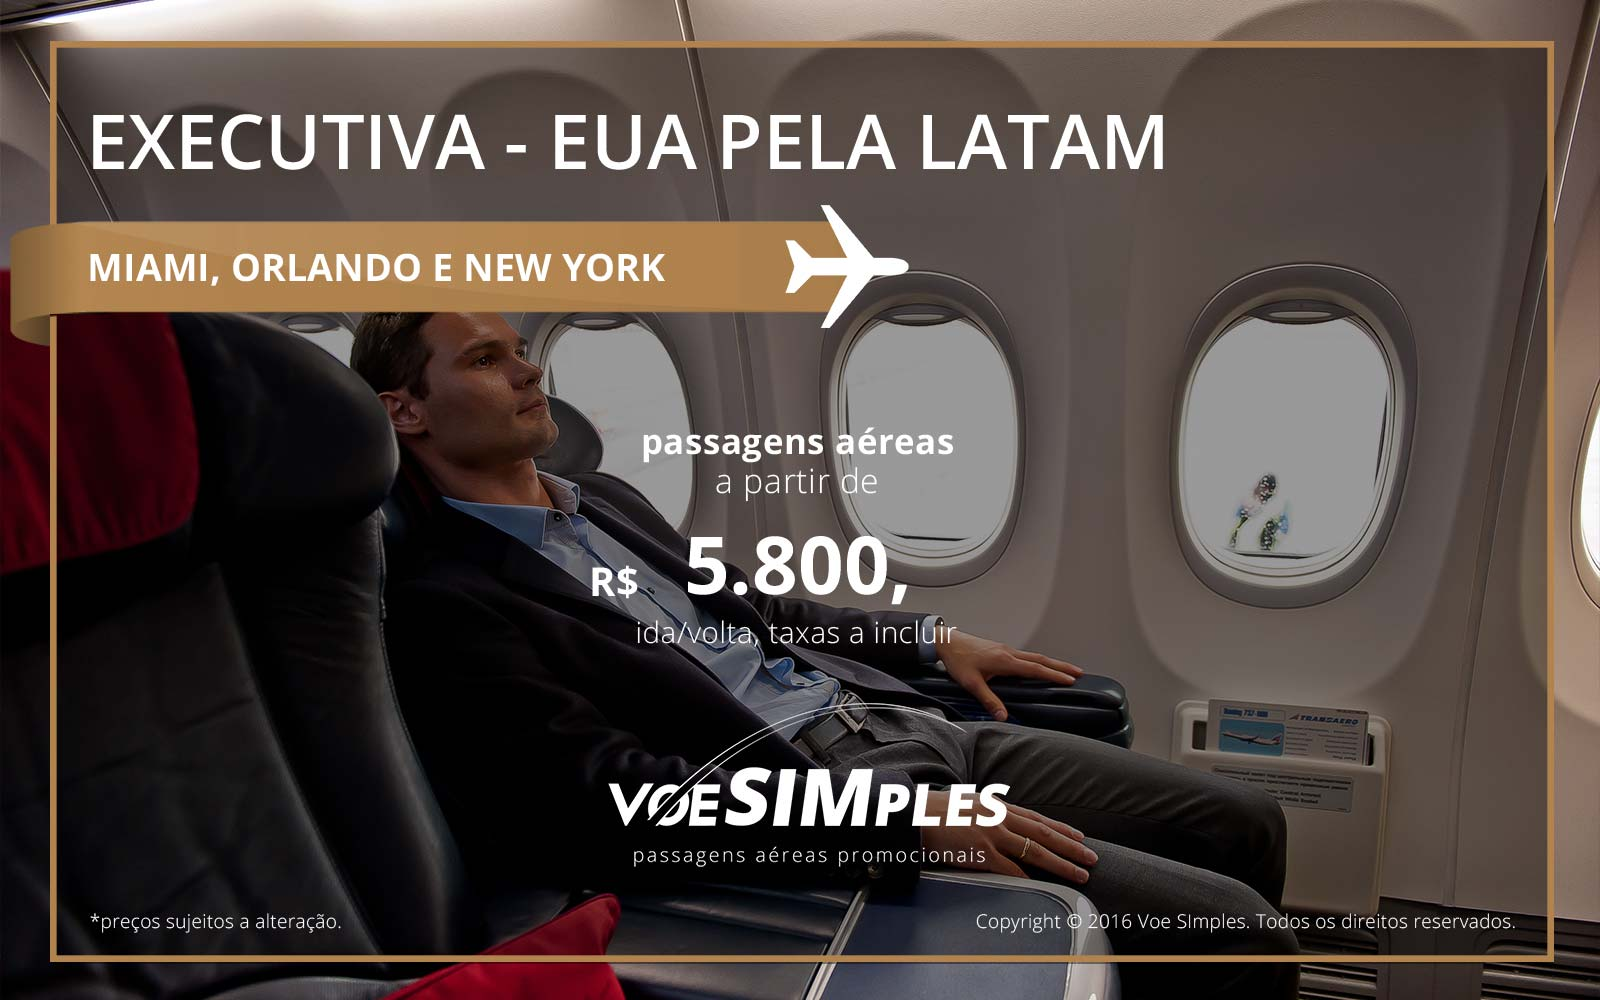 Passagens aéreas Classe Executiva LATAM para os Estados Unidos